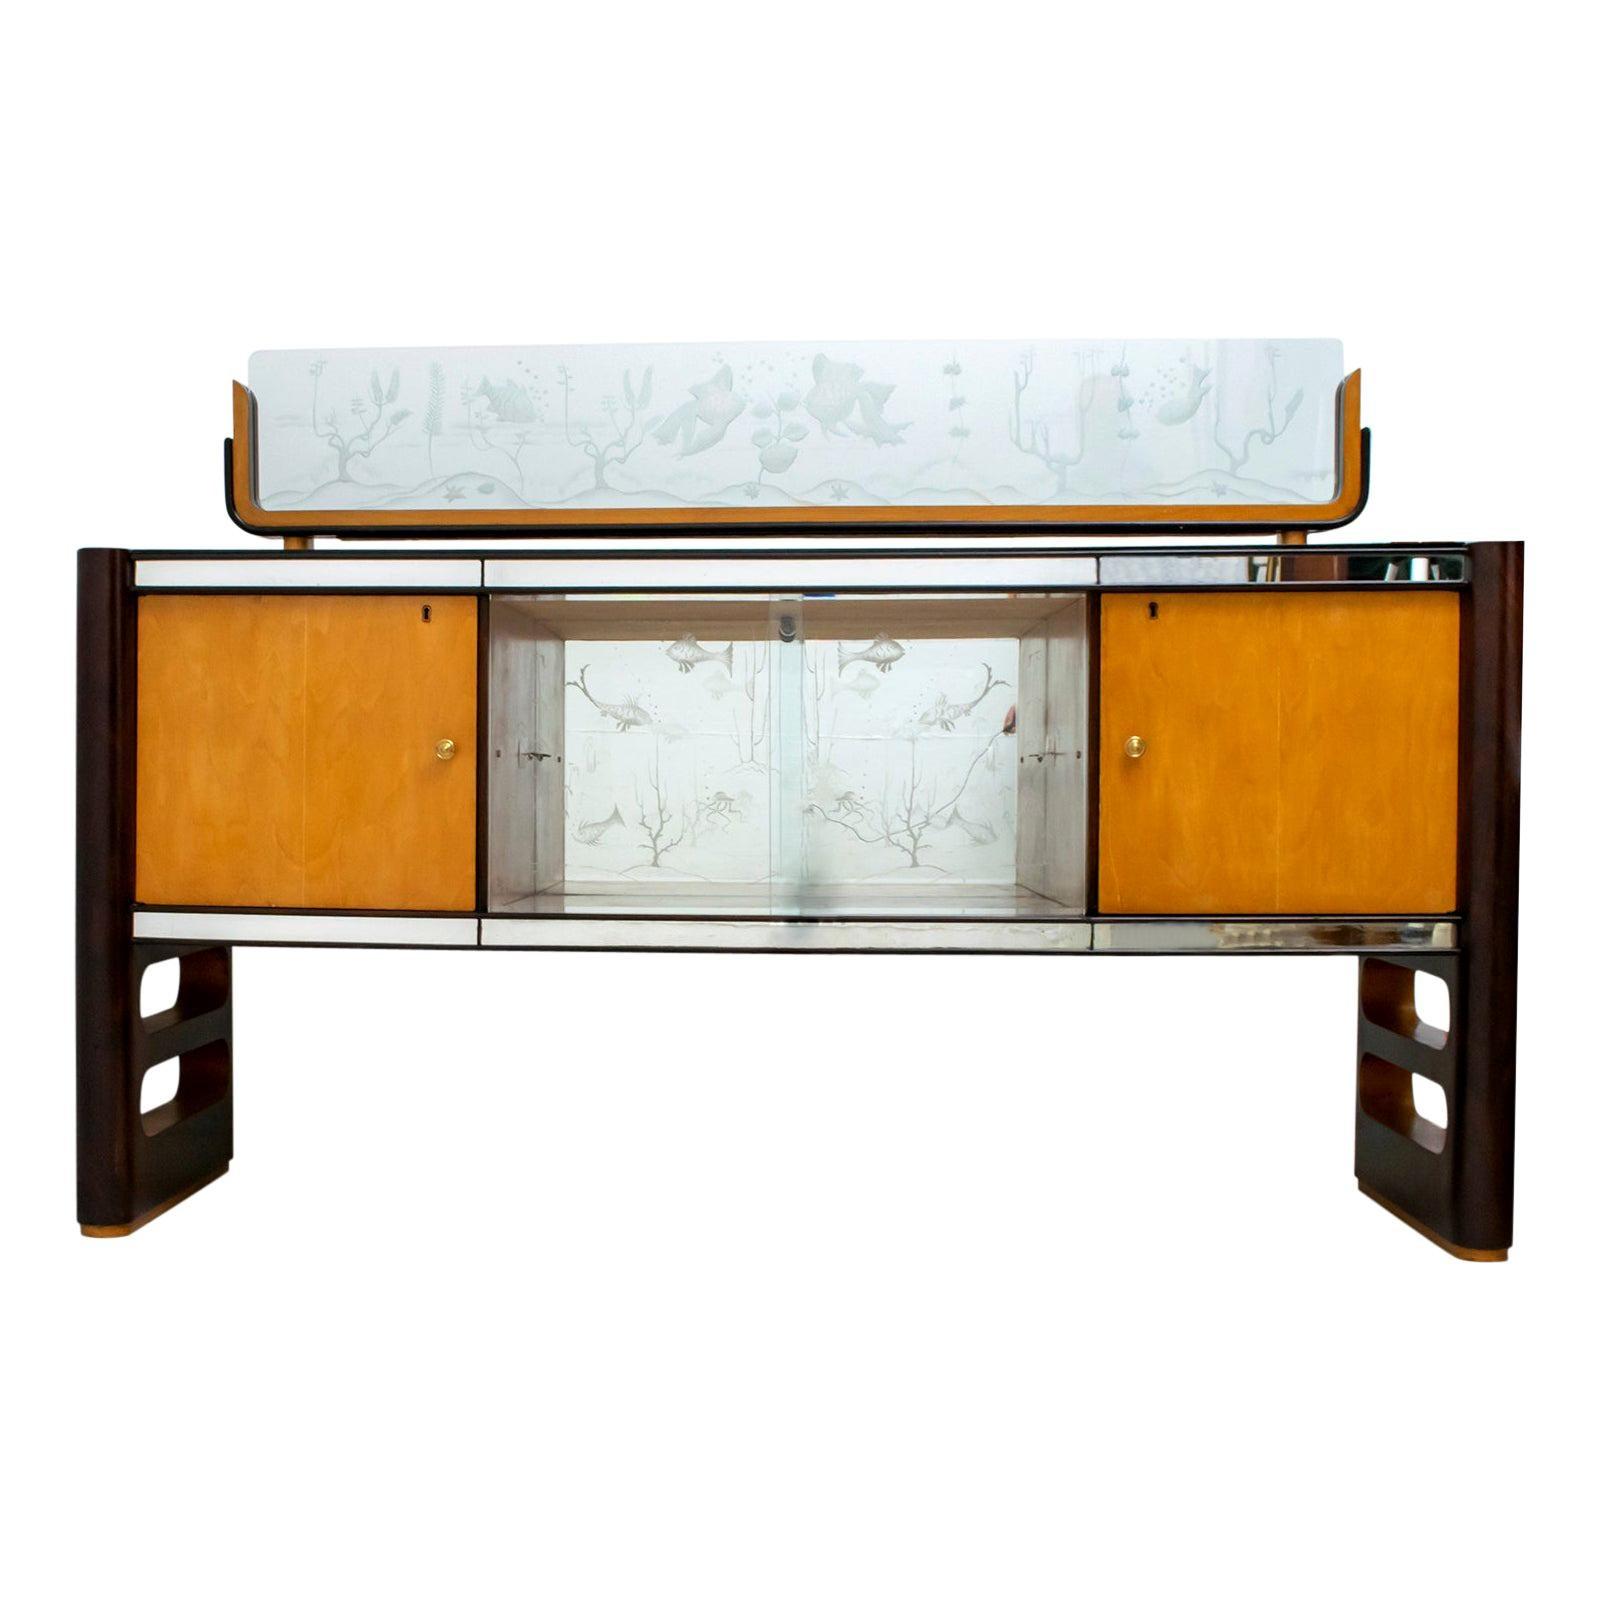 Osvaldo Borsani Mid-Century Modern Italian Walnut and Maple Sideboard, 1950s